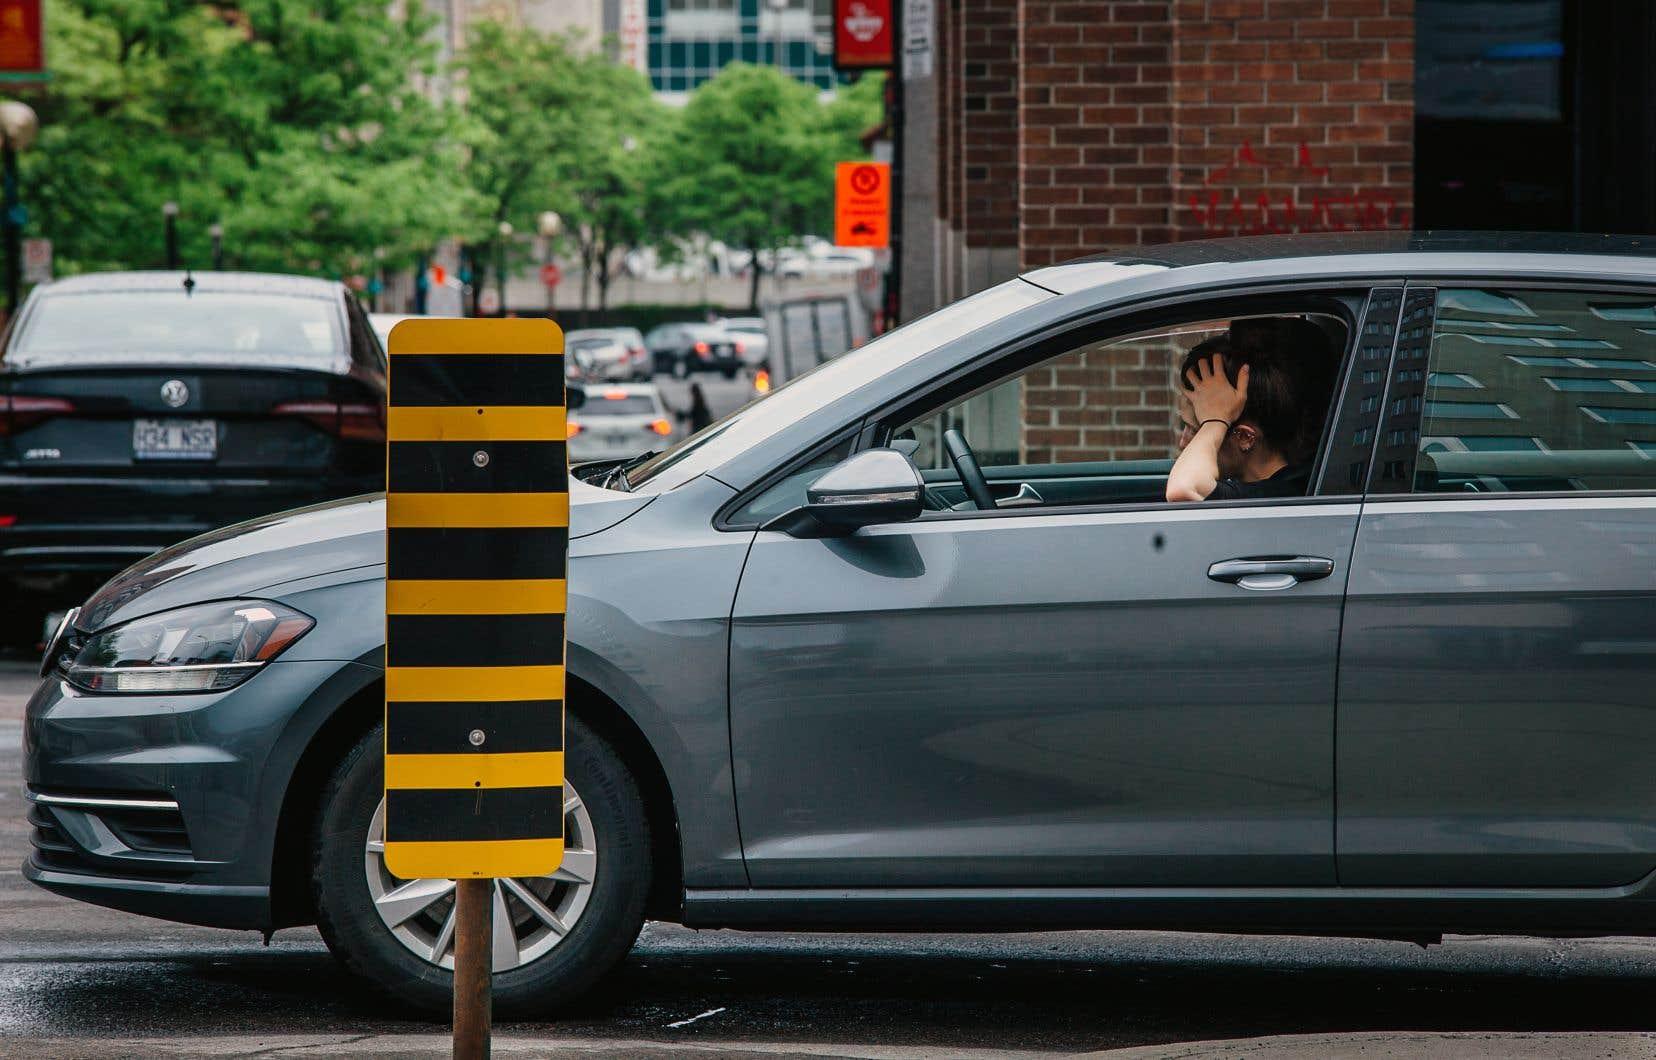 Au Québec, seulement 14% des travailleurs se déplaçant en voiture optent pour le covoiturage. Énormément d'automobilistes transitent seuls dans leur véhicule.